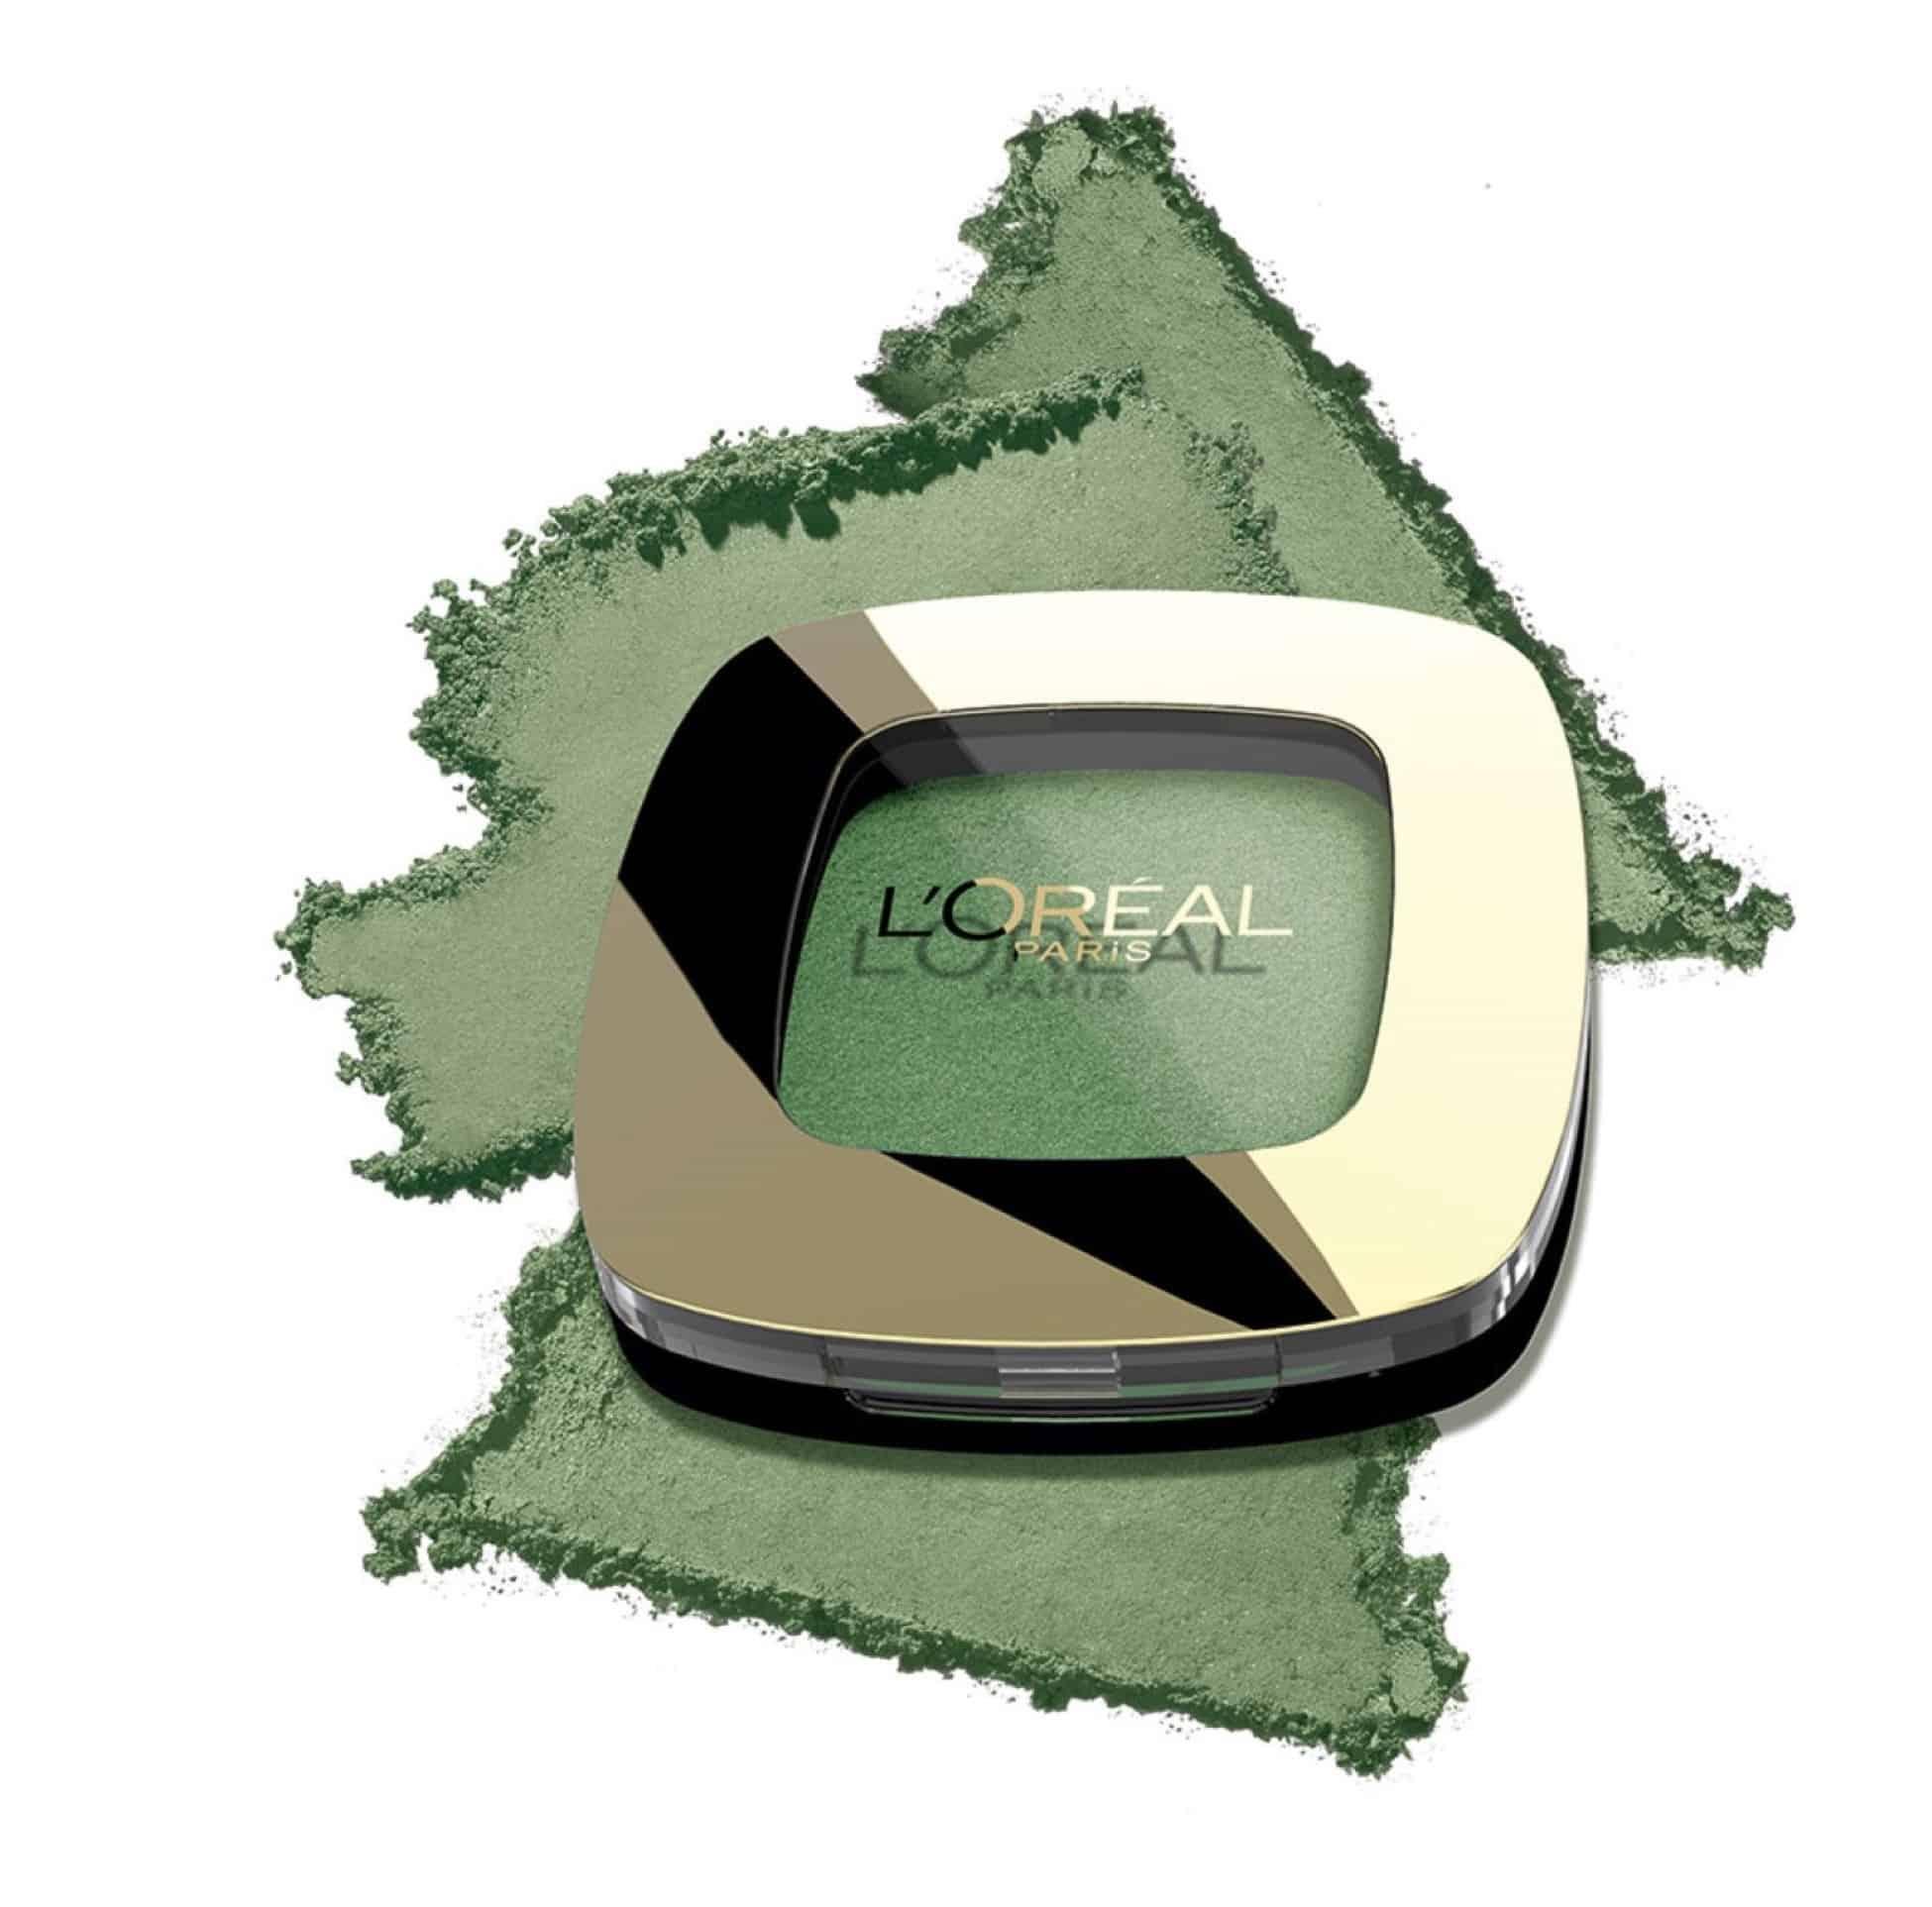 לוריאל פריז משיק צלליות בגוון אינטנסיבי המחיר 82שח צלם מוטי פישביין (3)